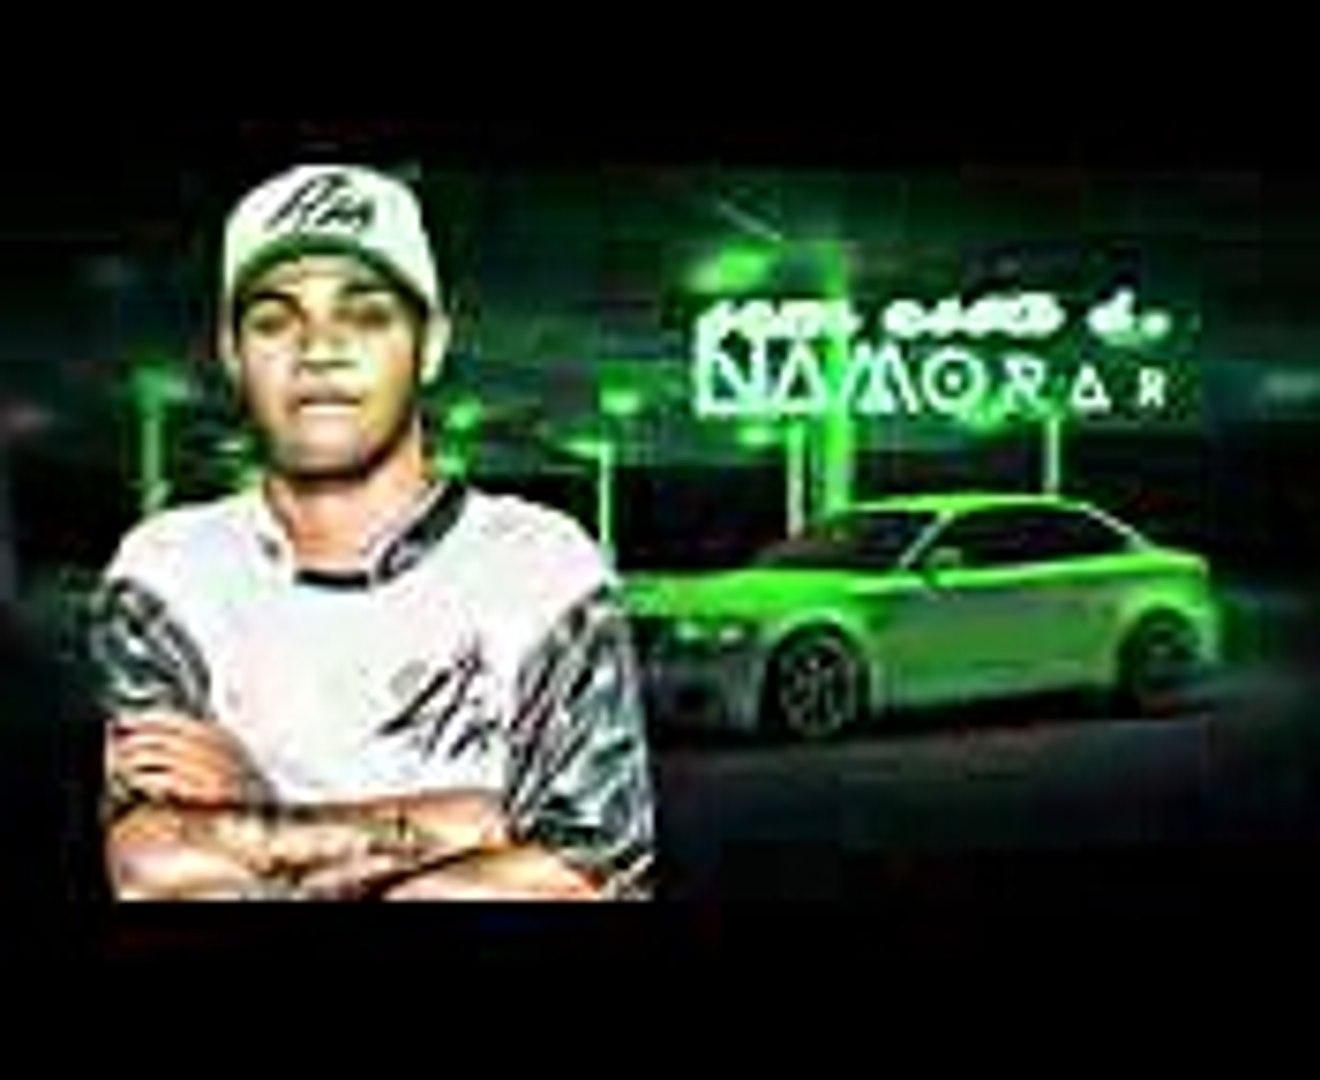 MC Nando, MC Luanzinho e MC Kitinho - Não Quero Saber de Nada (Lyric Video) DJ TH